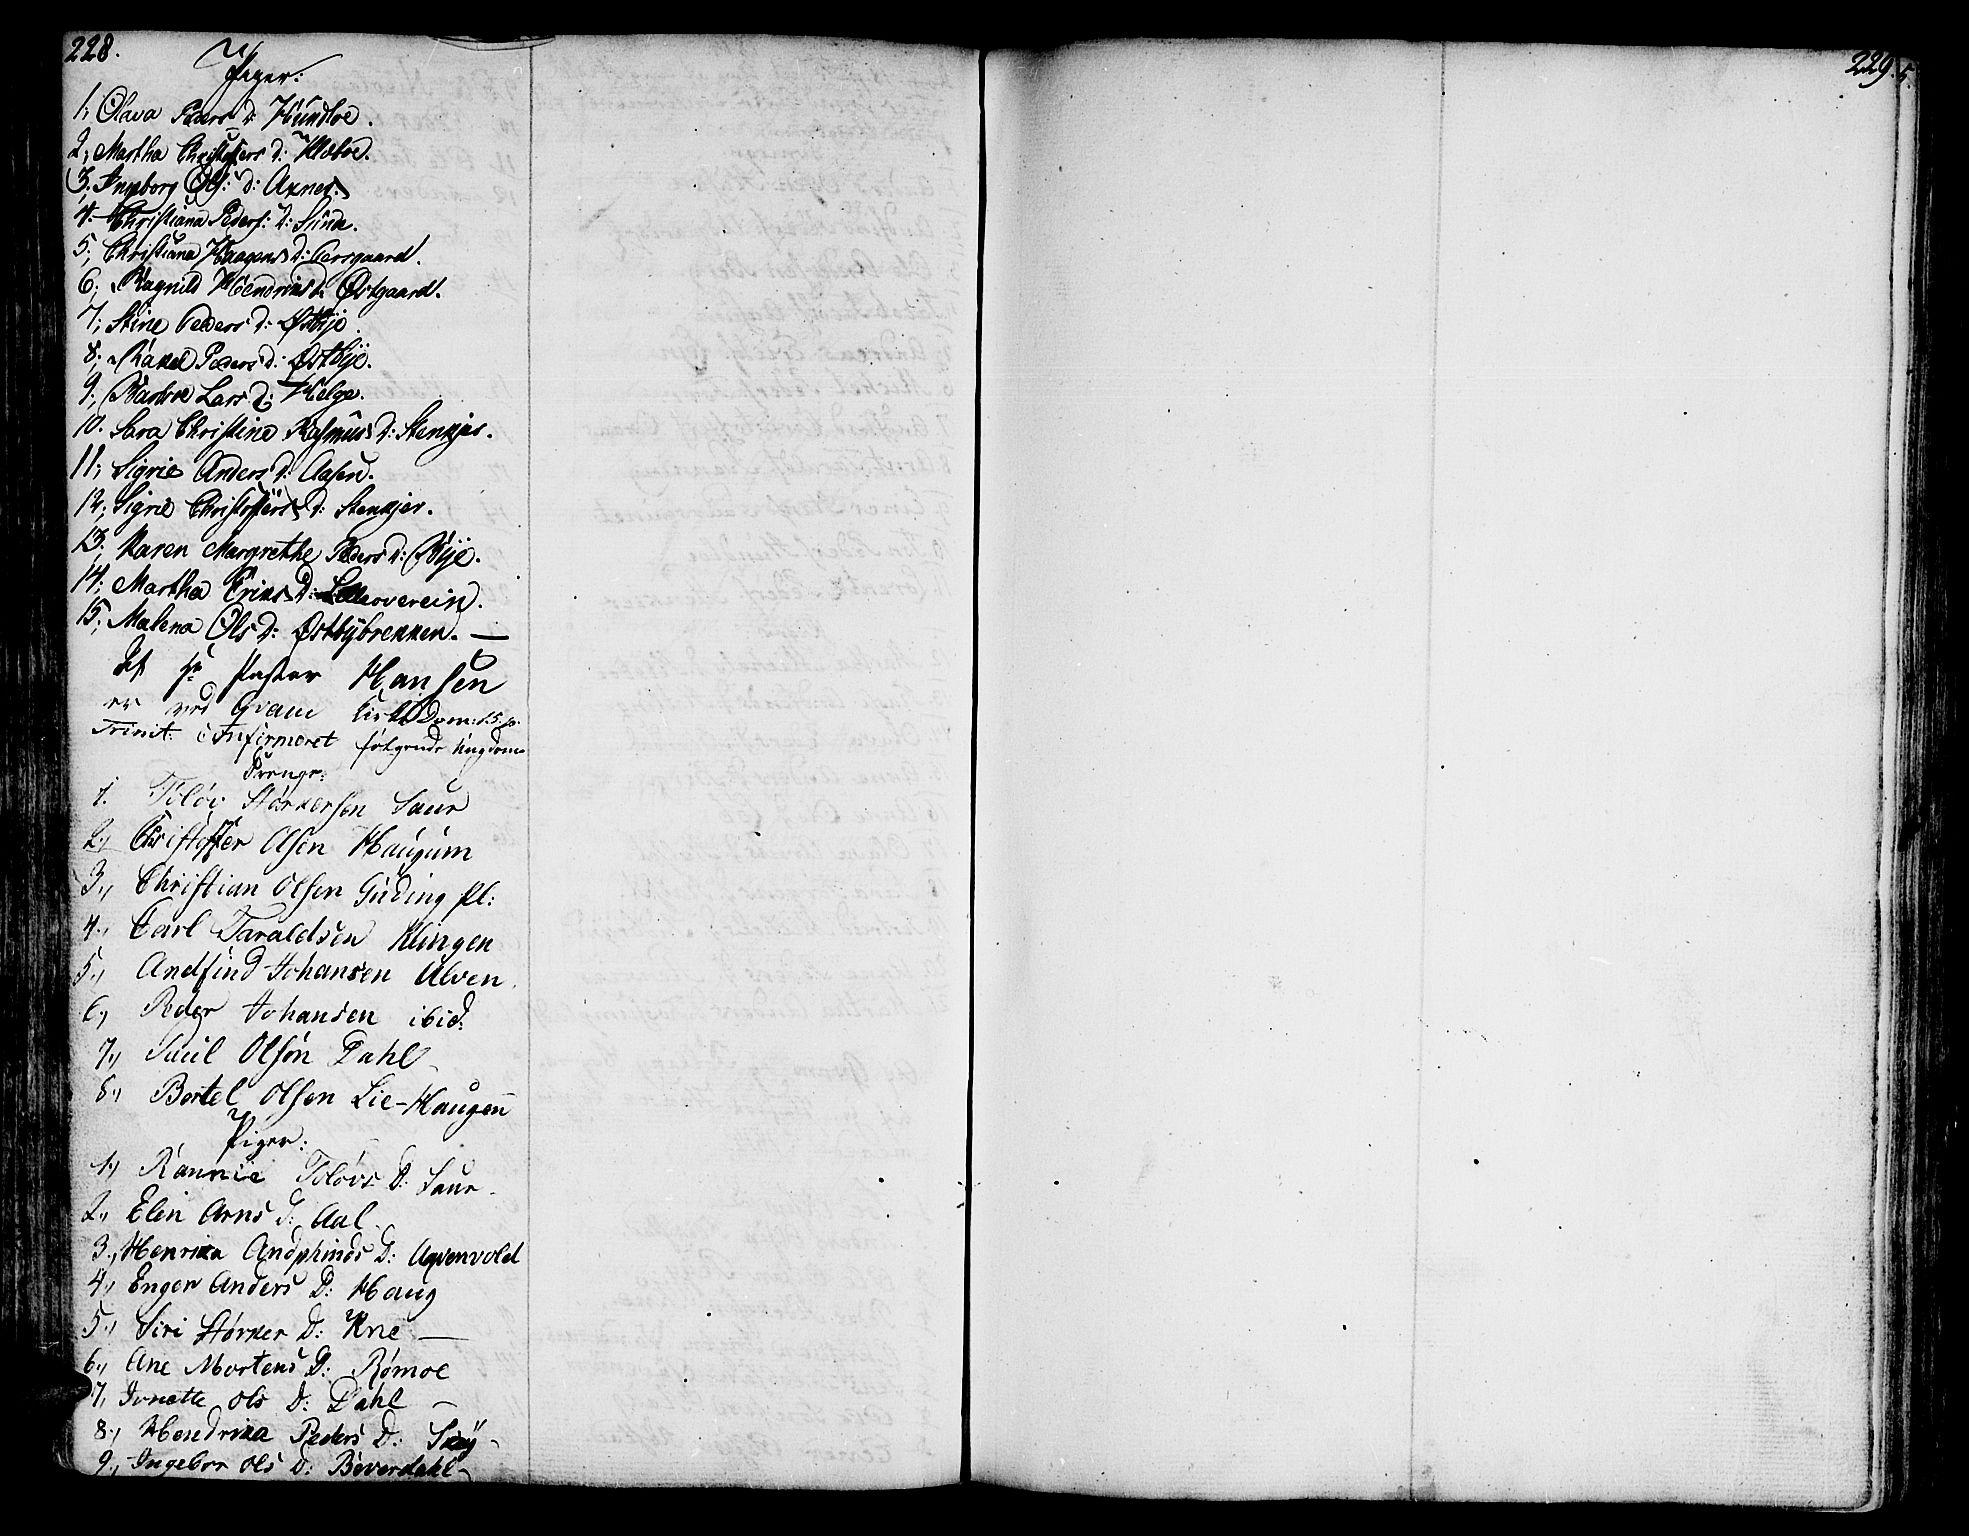 SAT, Ministerialprotokoller, klokkerbøker og fødselsregistre - Nord-Trøndelag, 746/L0440: Ministerialbok nr. 746A02, 1760-1815, s. 228-229